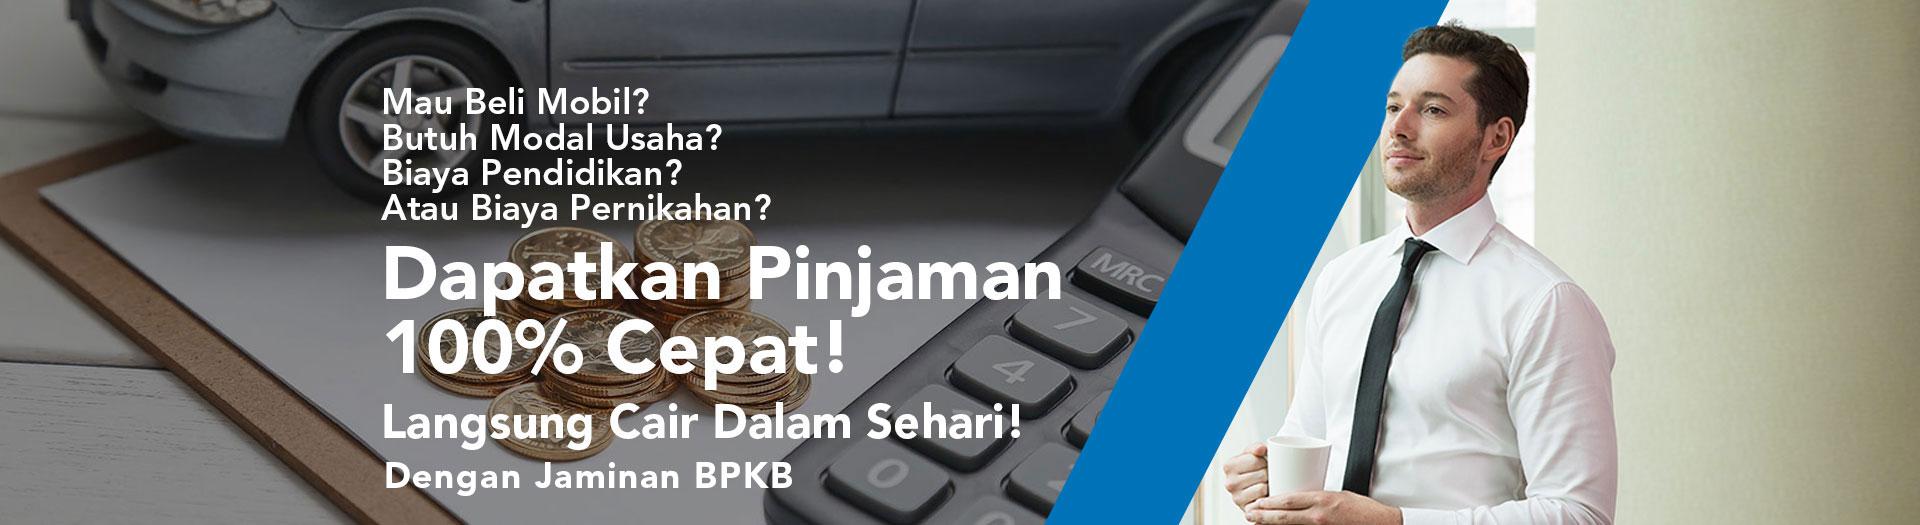 Pinjaman Jaminan bpkb - Pinjam saja tempat paling aman ...